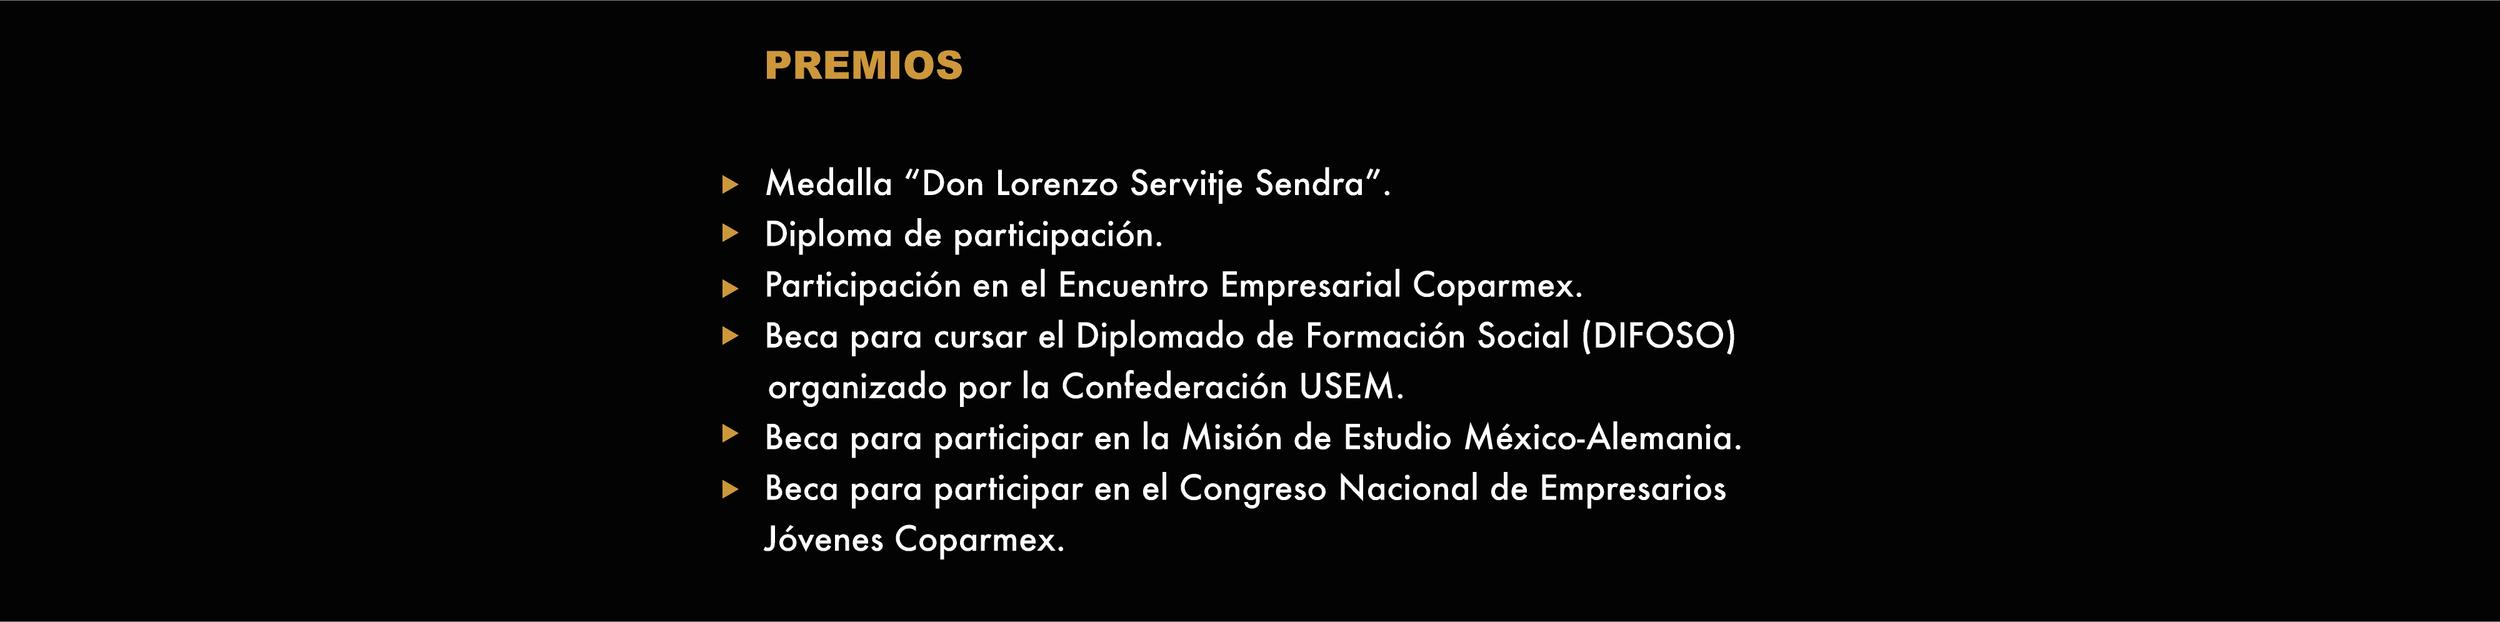 premios_Mesa de trabajo 1.png